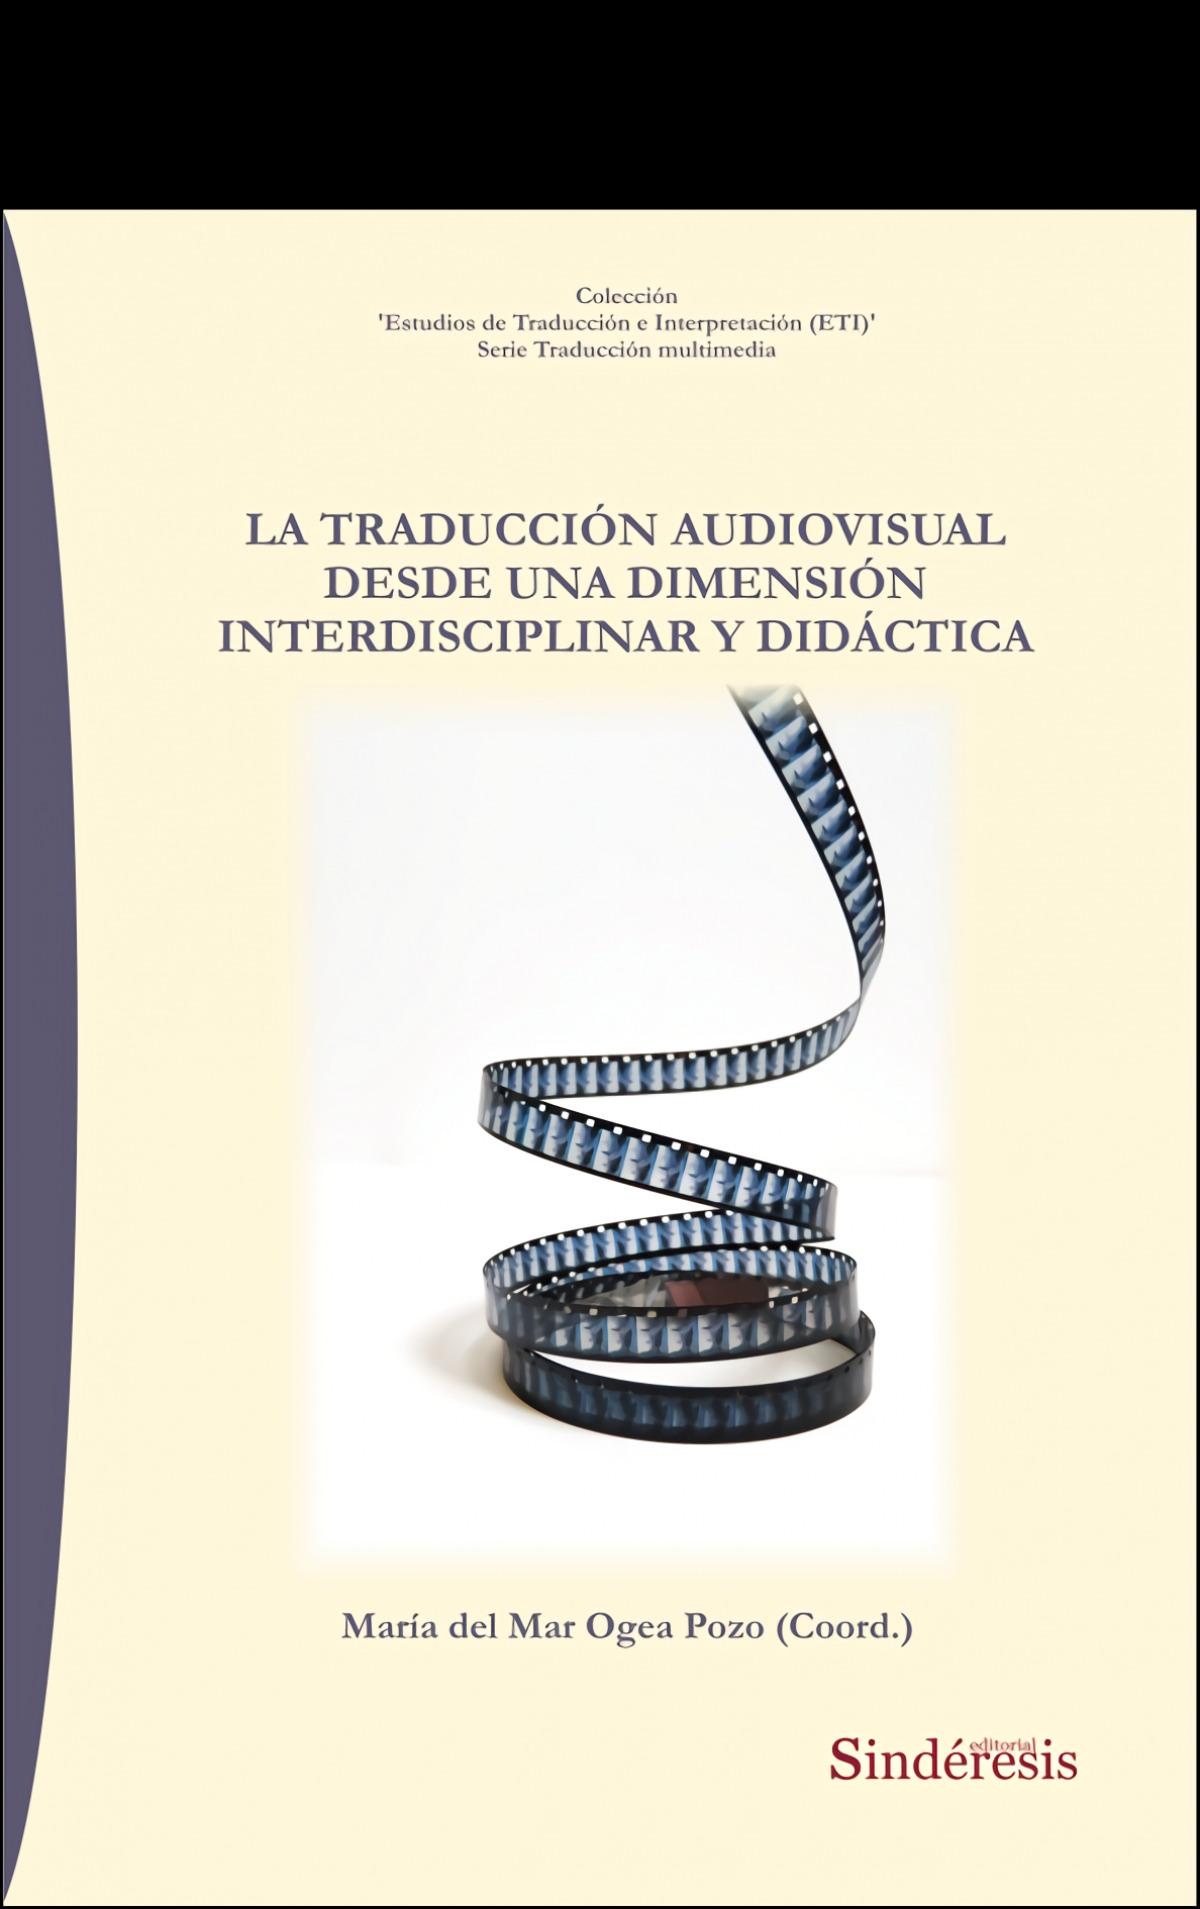 La traducción audiovisual desde una dimensión interdisciplinar y didáctica